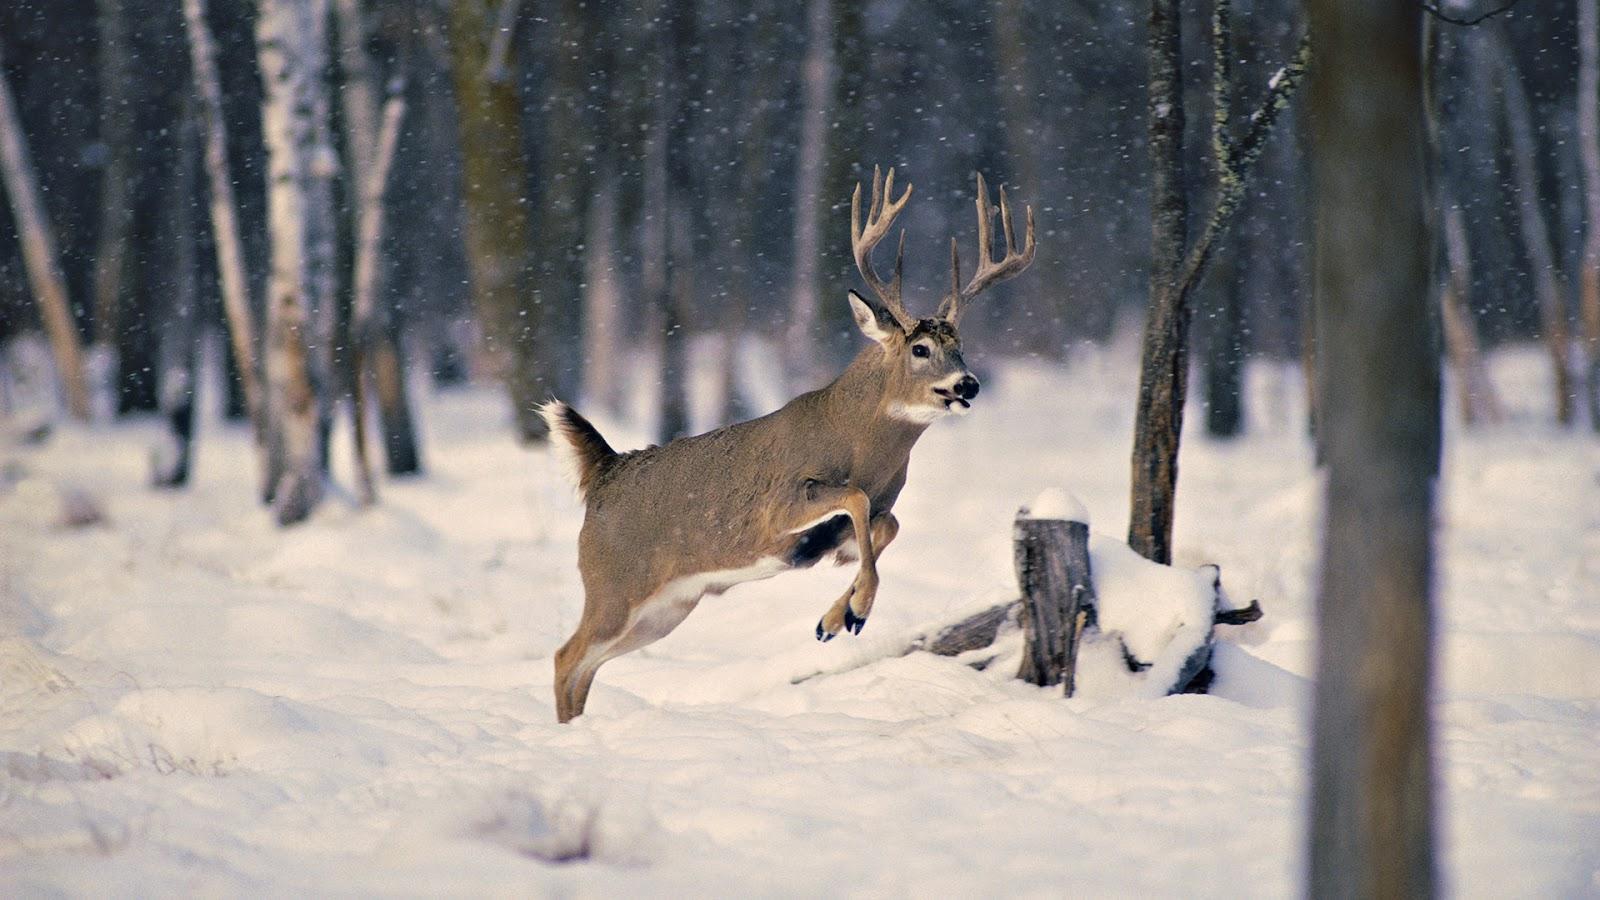 Deer wallpaper 1600x900